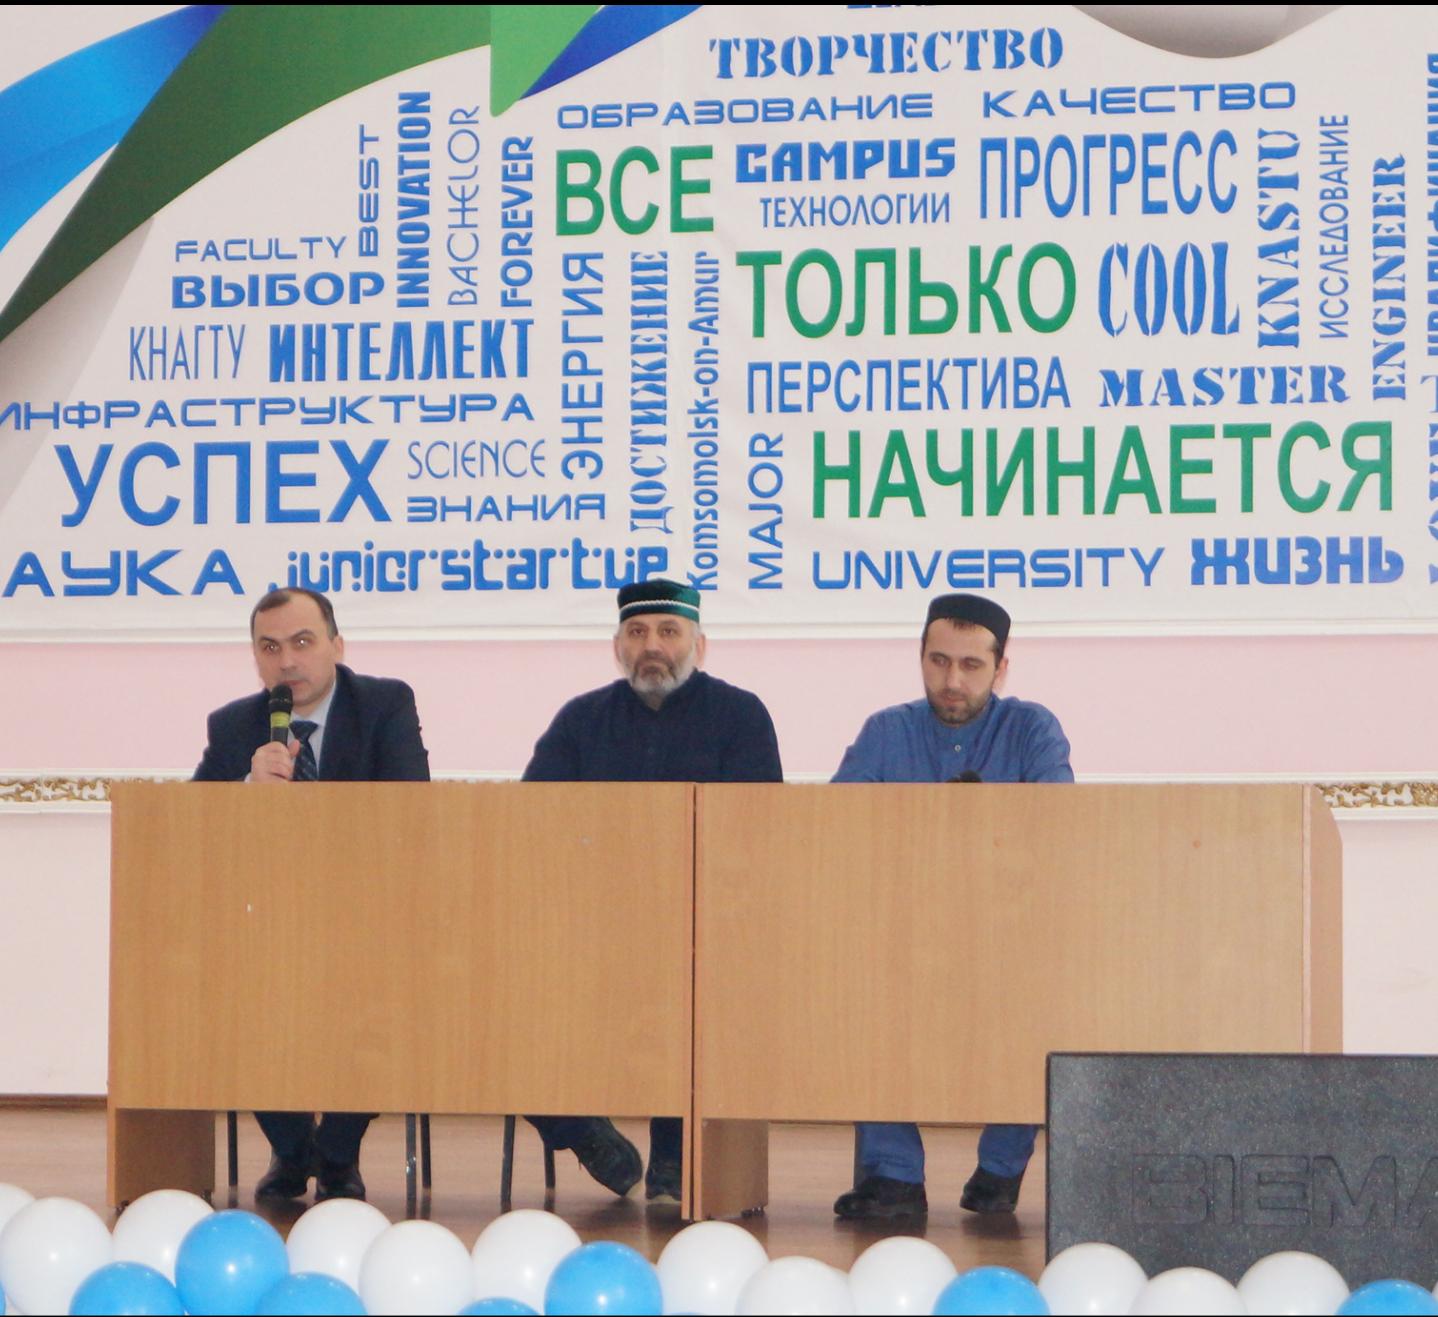 Ректор университета Комсомольска-на-Амуре выразил благодарность исламской общине